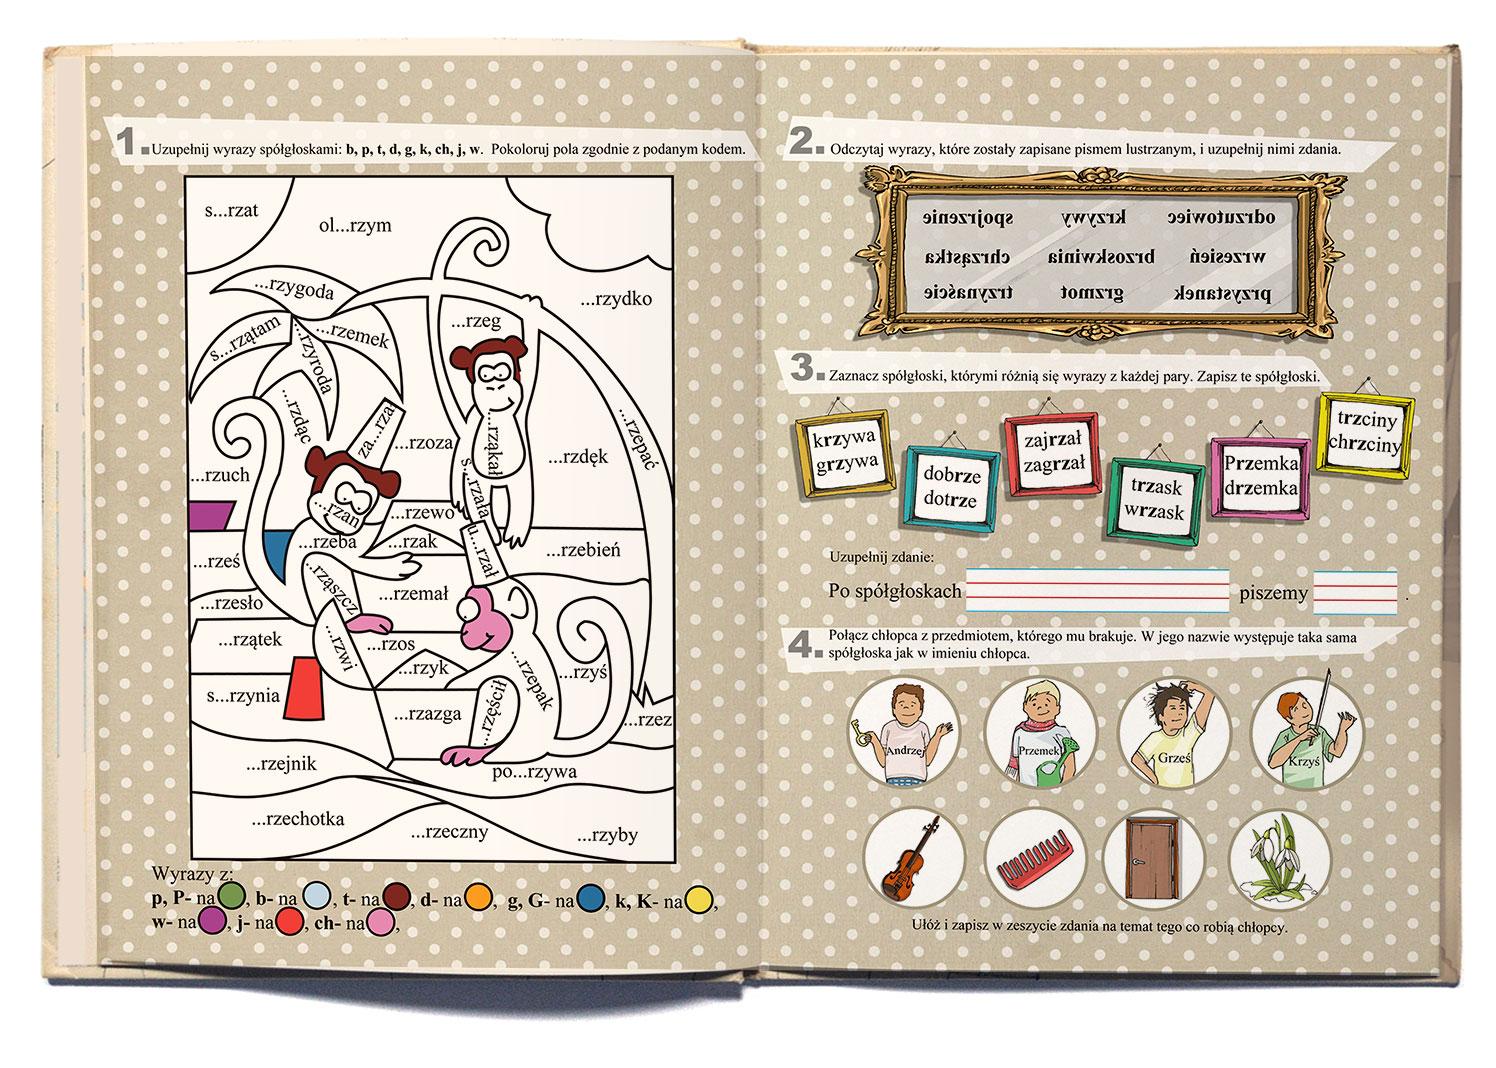 ilustracja dla dzieci do ćwiczeń kolorowanki nowa era Urbaniak ilustratorka